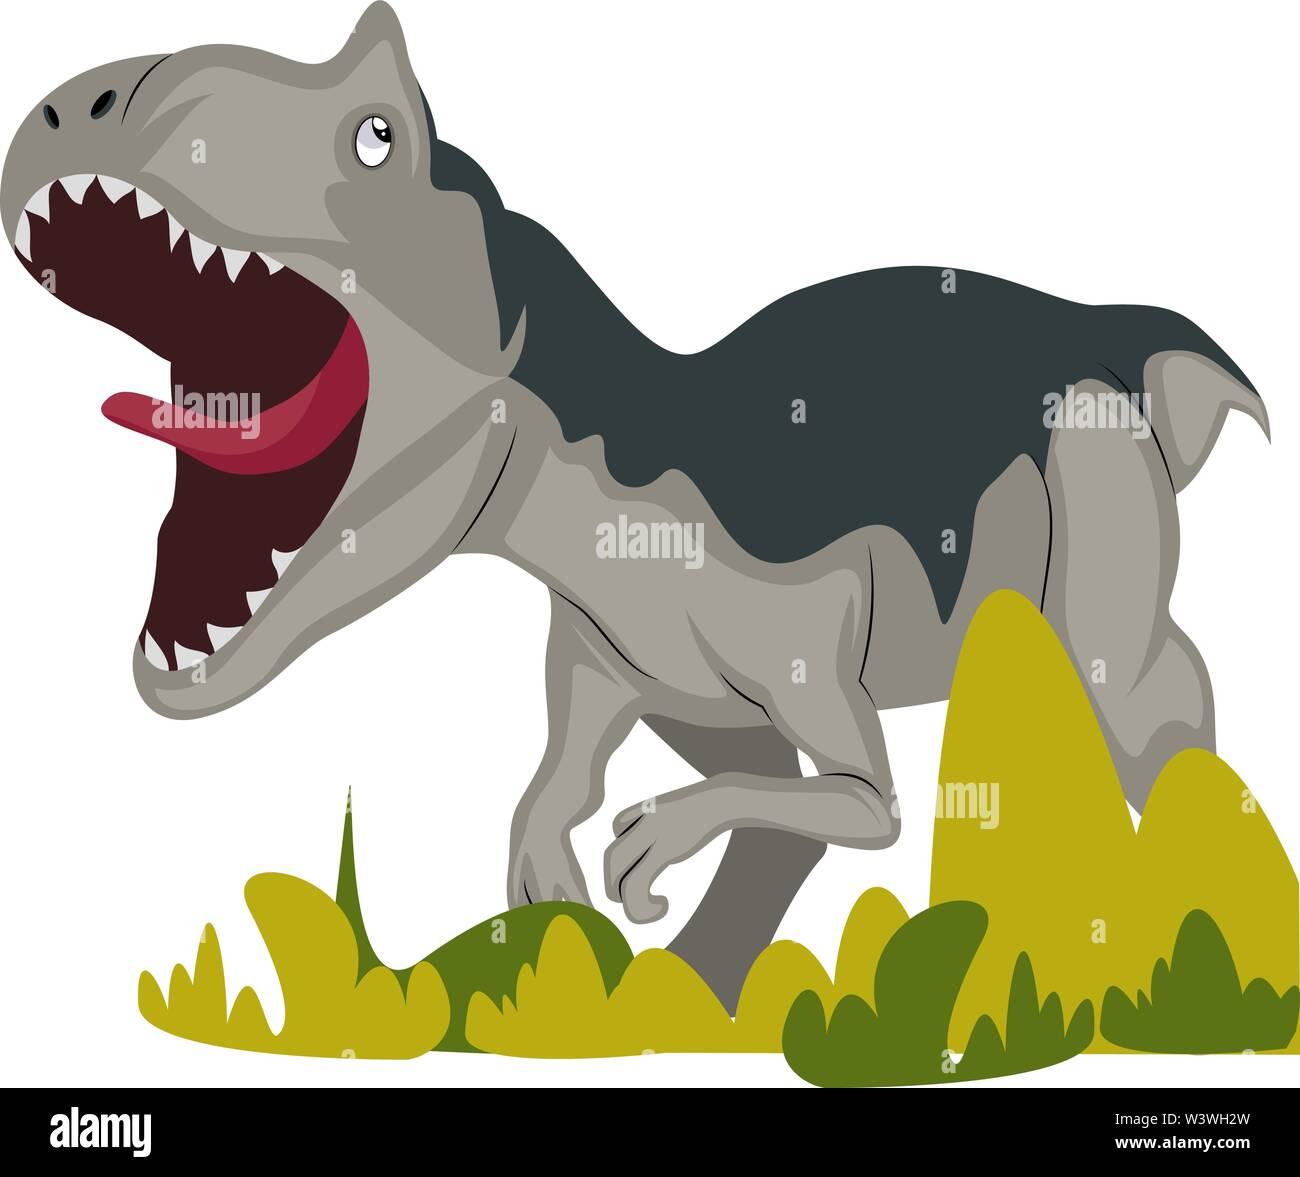 Dangerous dinosaur, illustration, vector on white background. - Stock Image